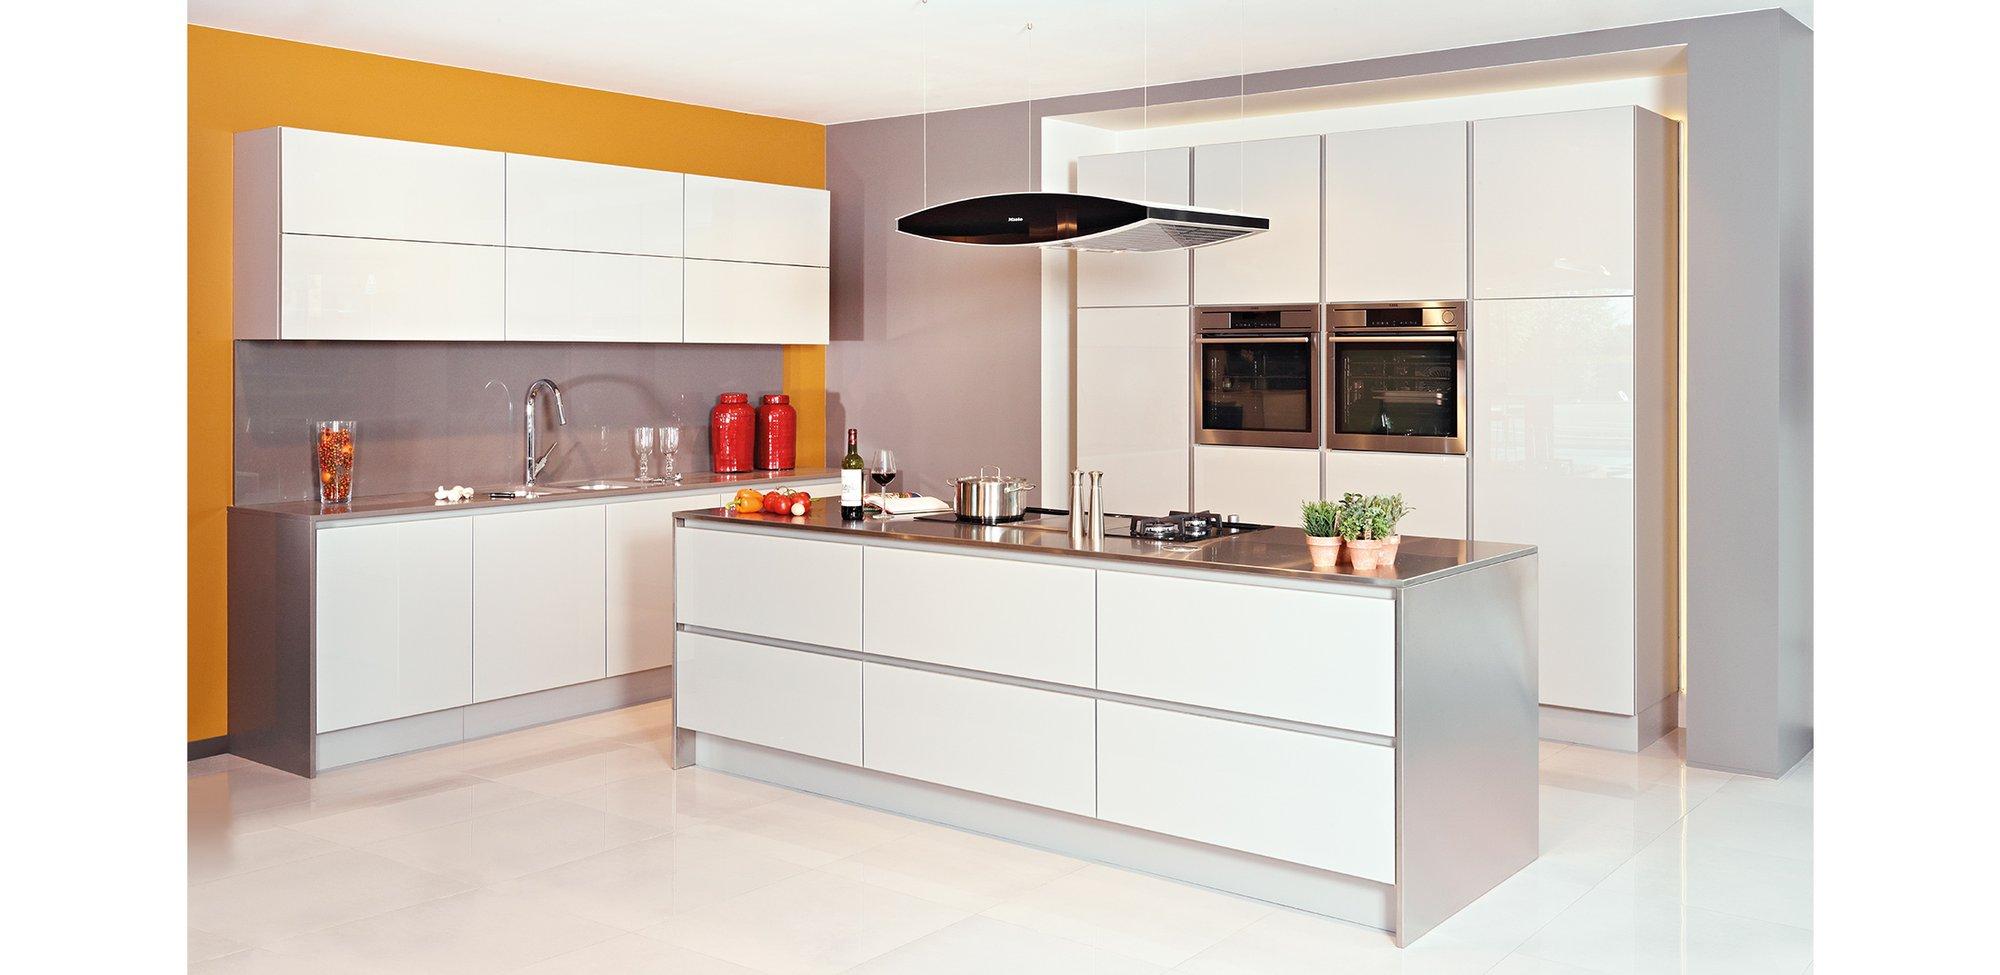 Moderne, witte keuken in glas - Model Sirius